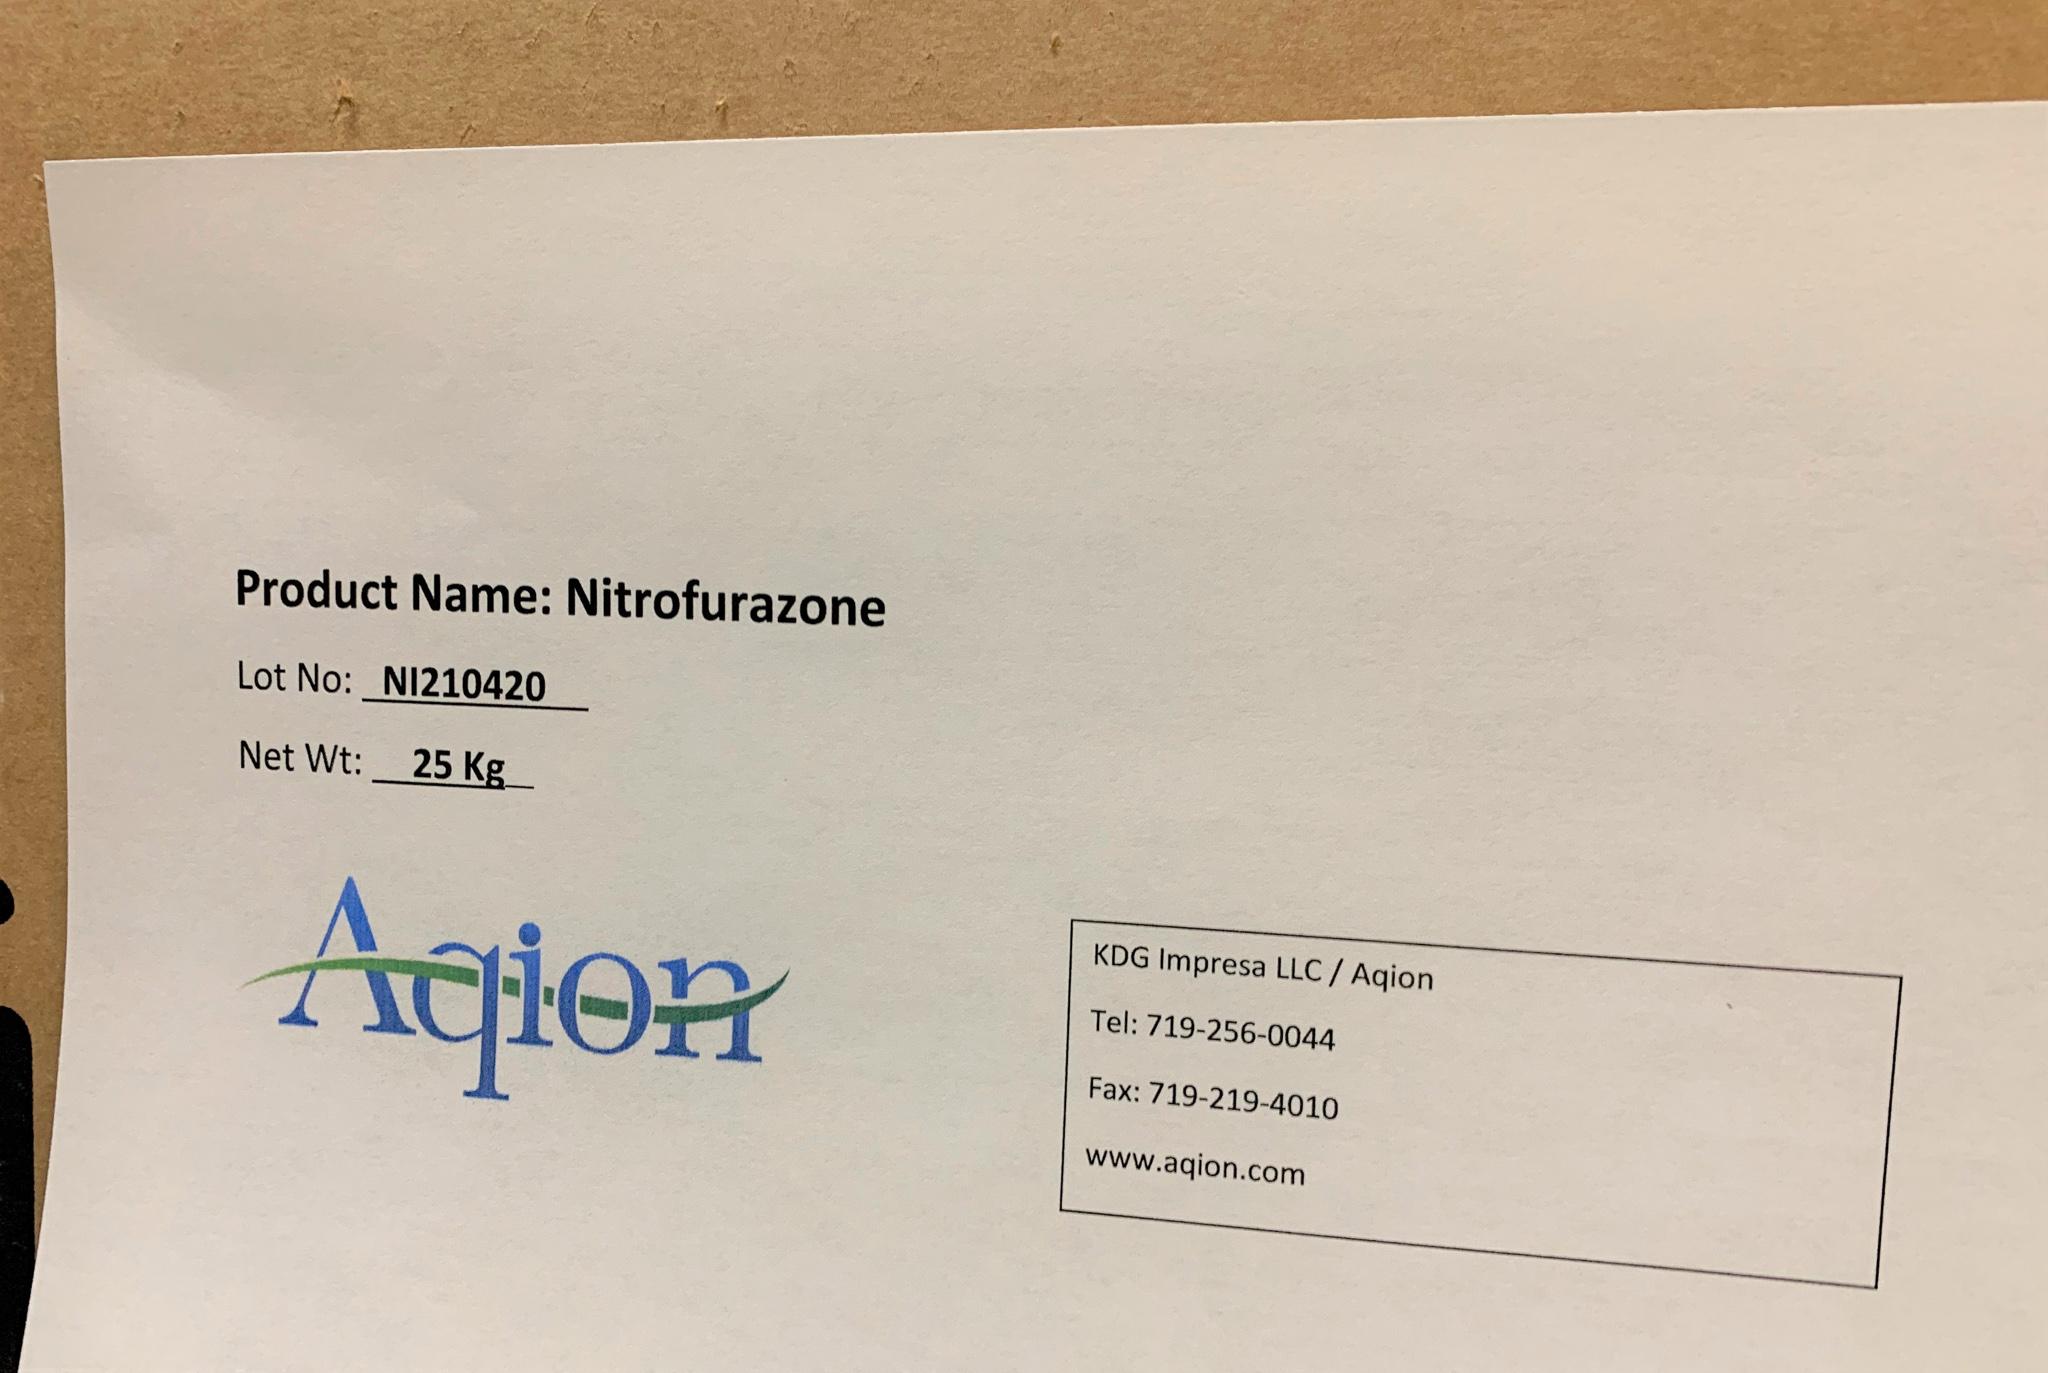 Nitrofurazone Bulk Label